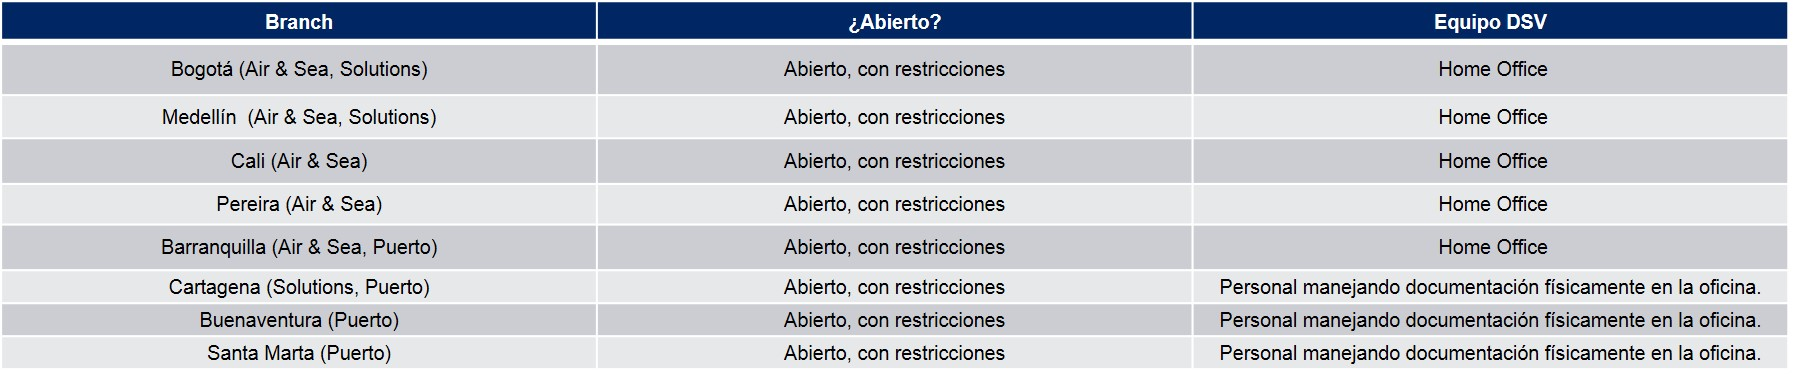 Tabla Operaciones Colombia COVID-19 06/05/20